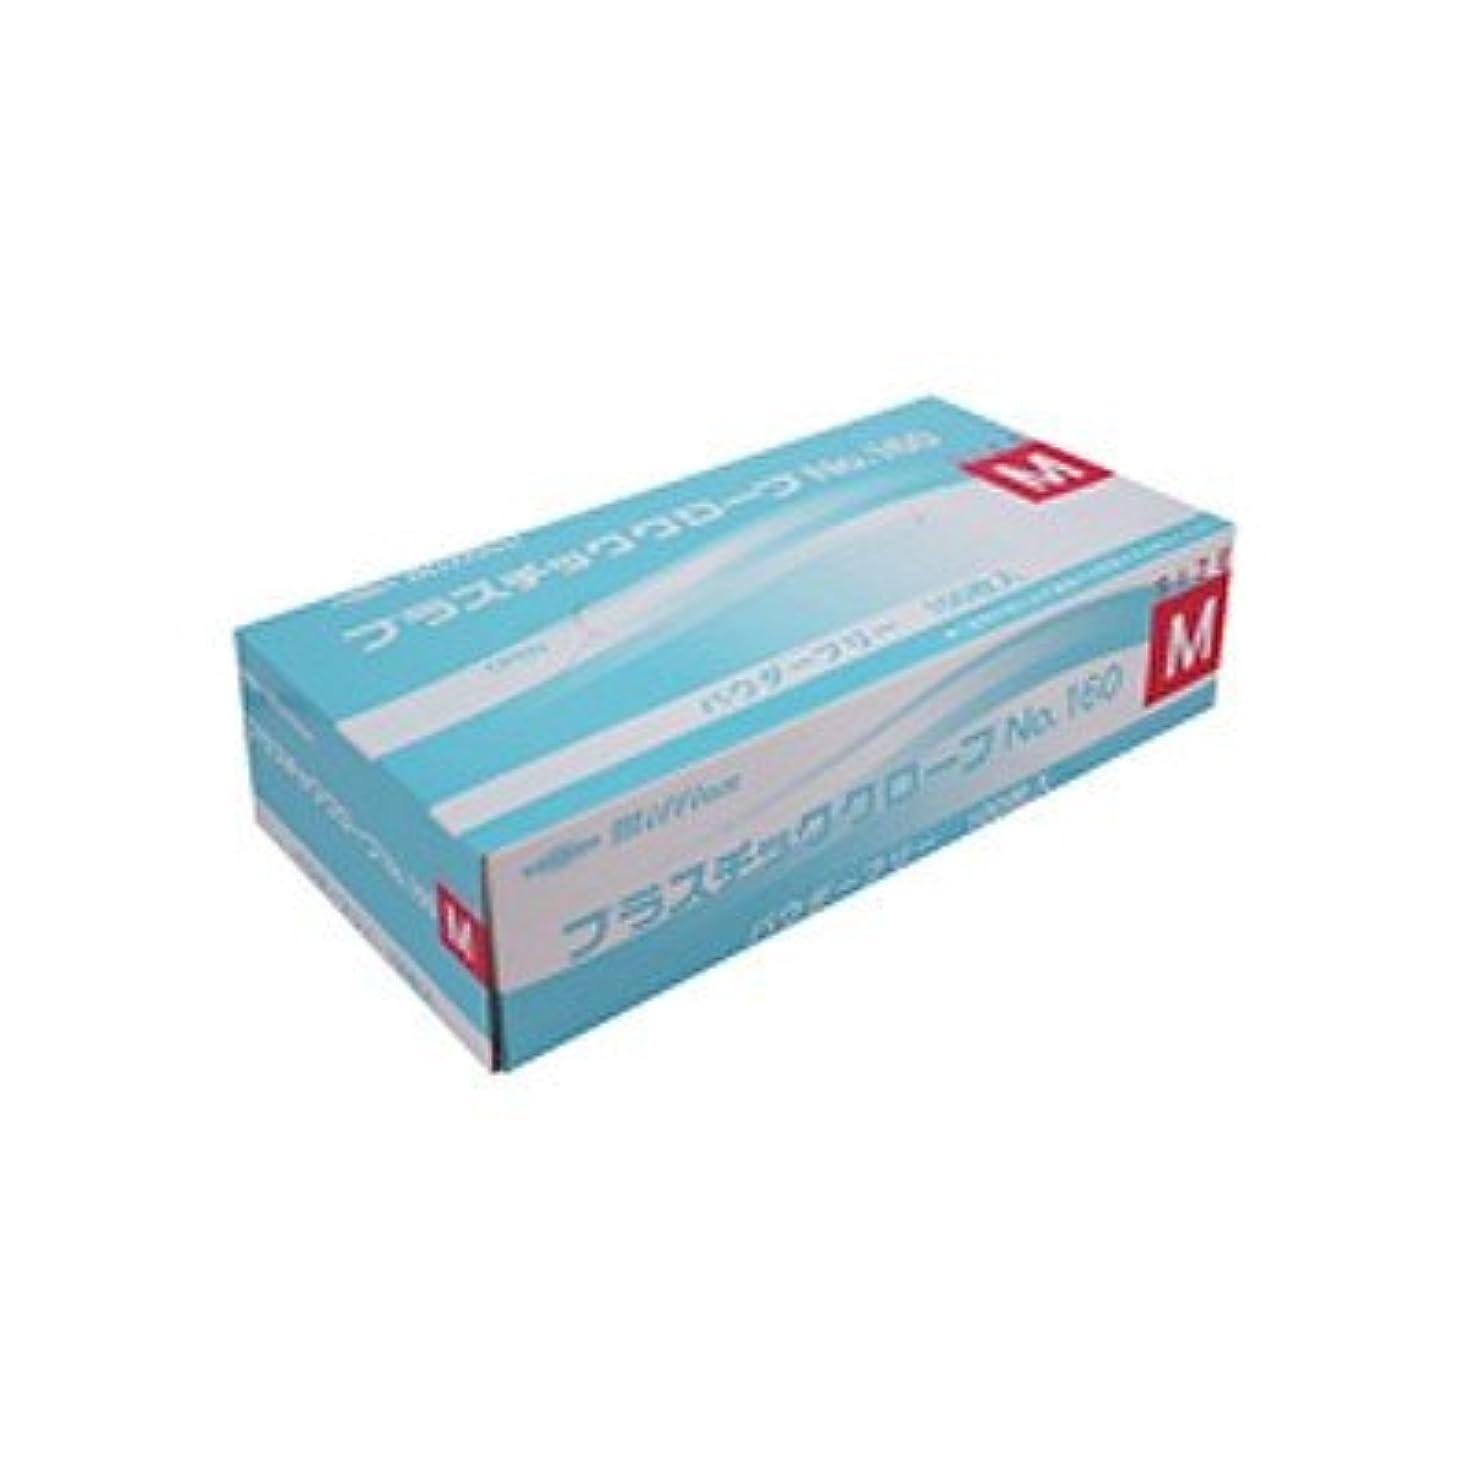 枯渇子豚過剰ミリオン プラスチック手袋 粉無 No.160 M 品番:LH-160-M 注文番号:62741606 メーカー:共和